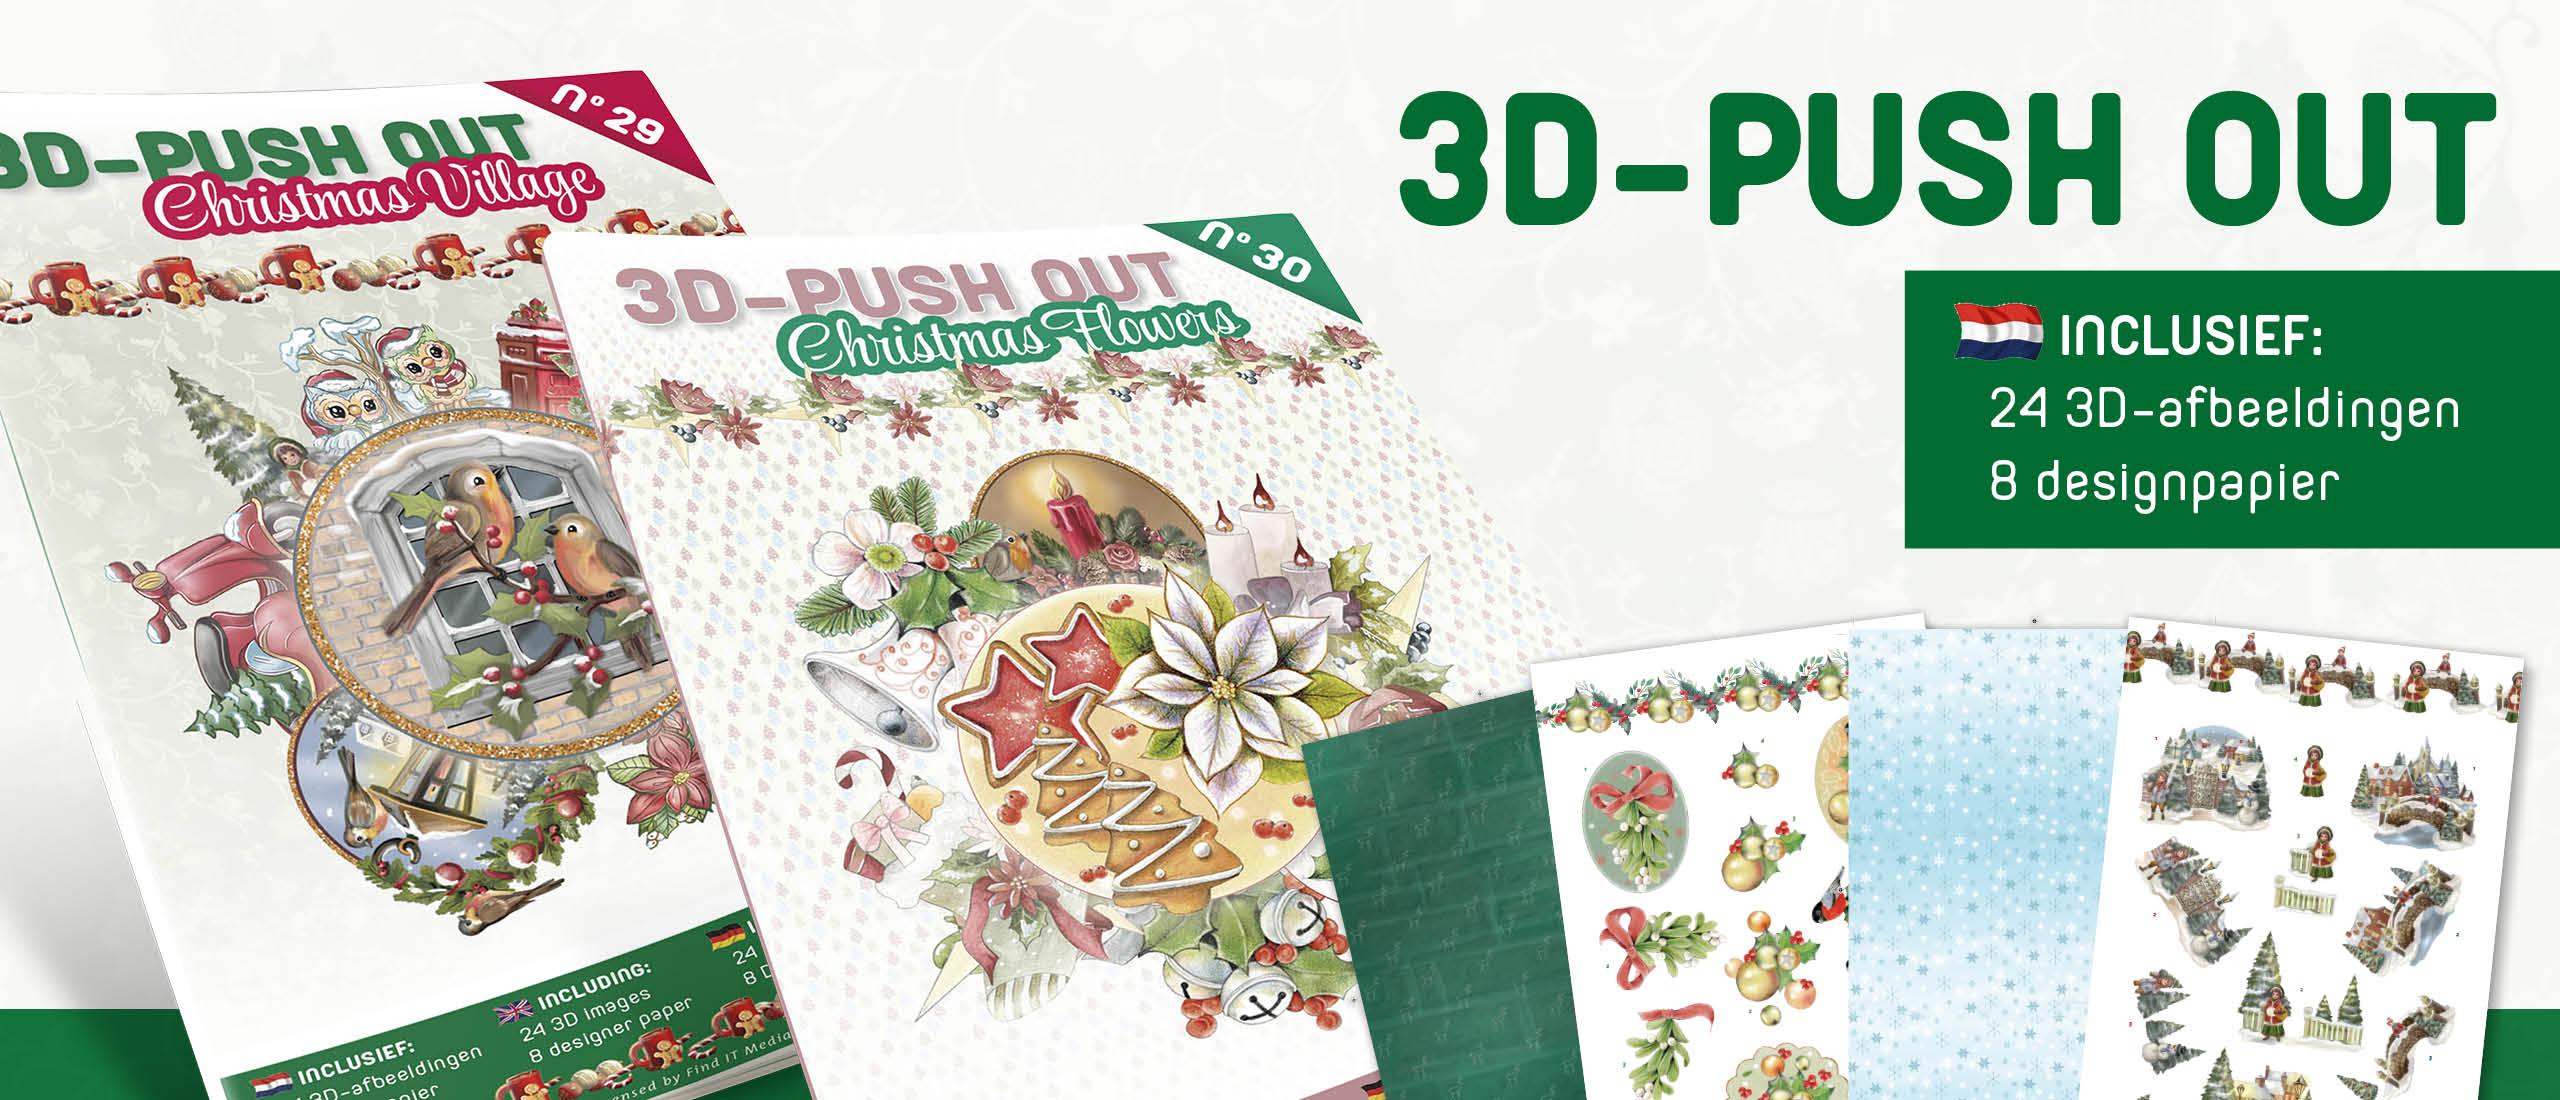 3D Push Out boek 29 & 30: Christmas Village en Christmas Flowers